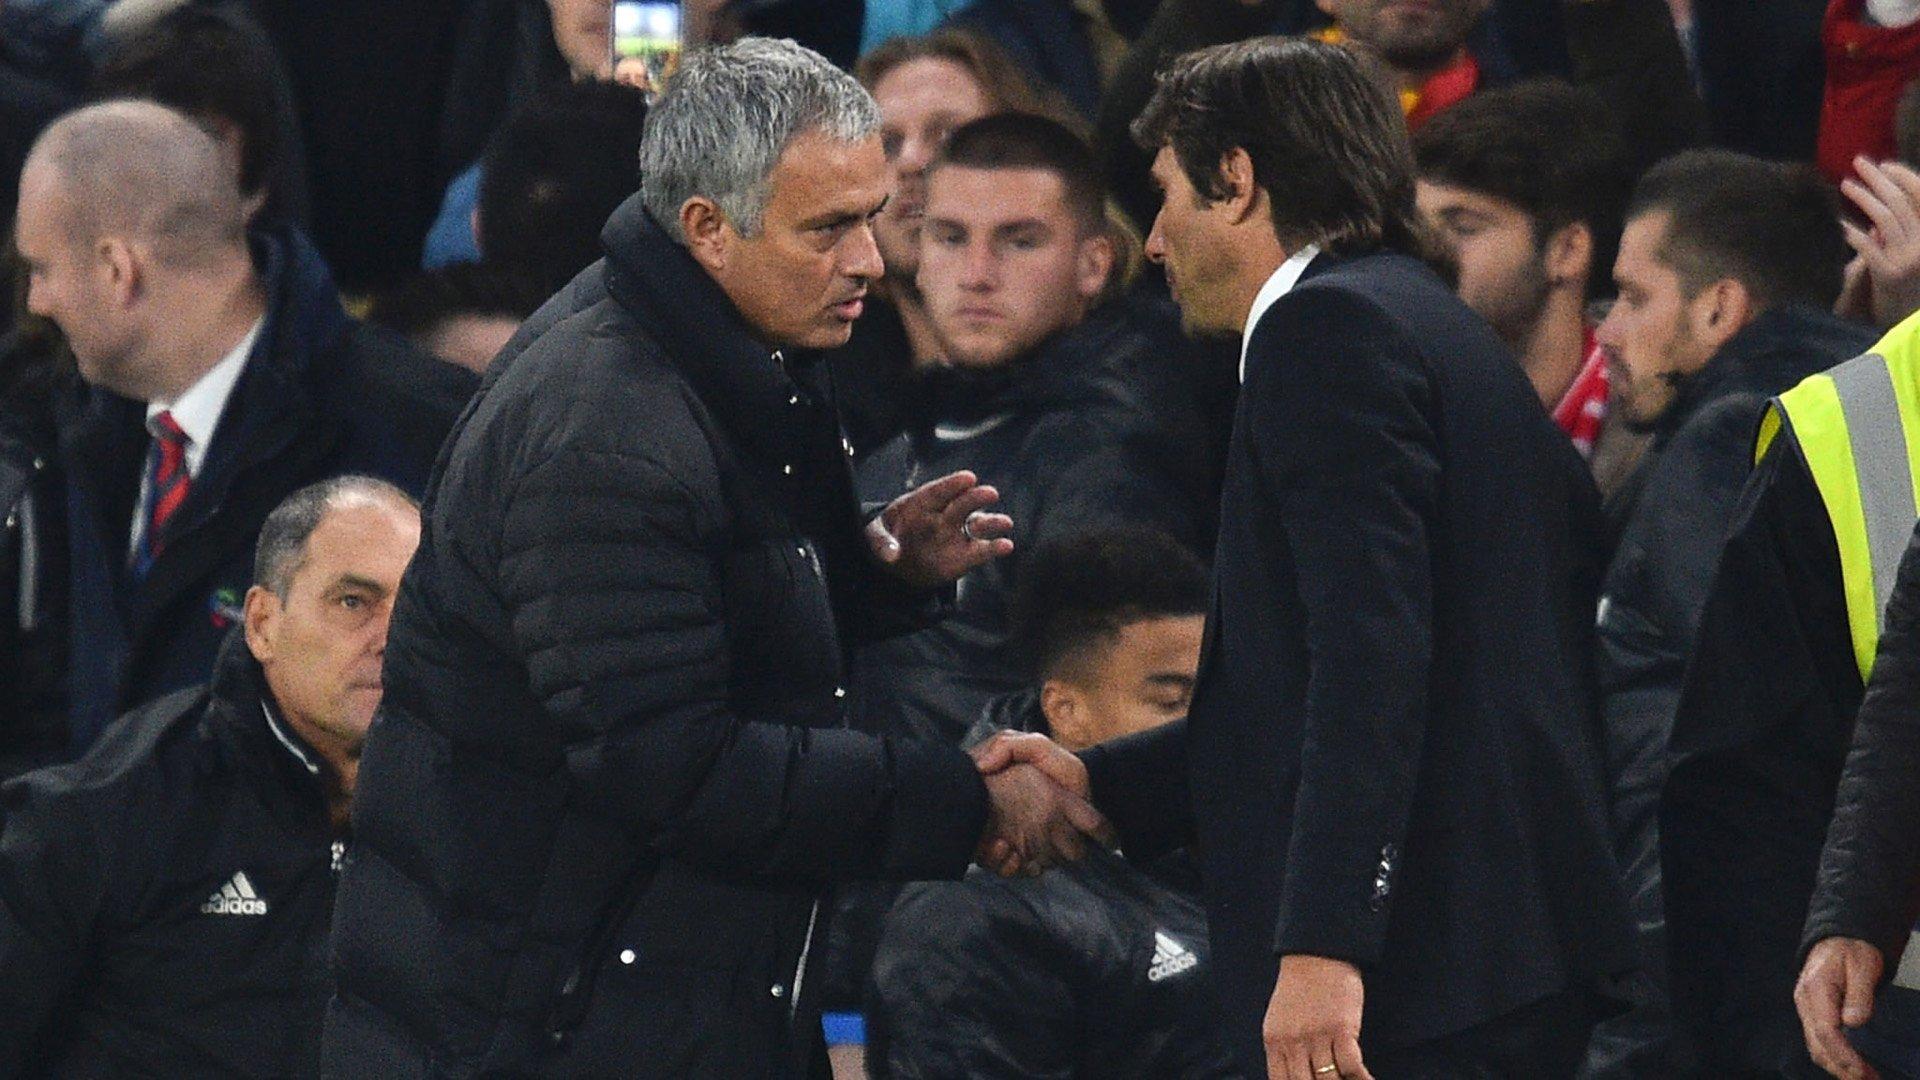 HLV Conte thề mãi không quên mối thù với HLV Mourinho - Bóng Đá